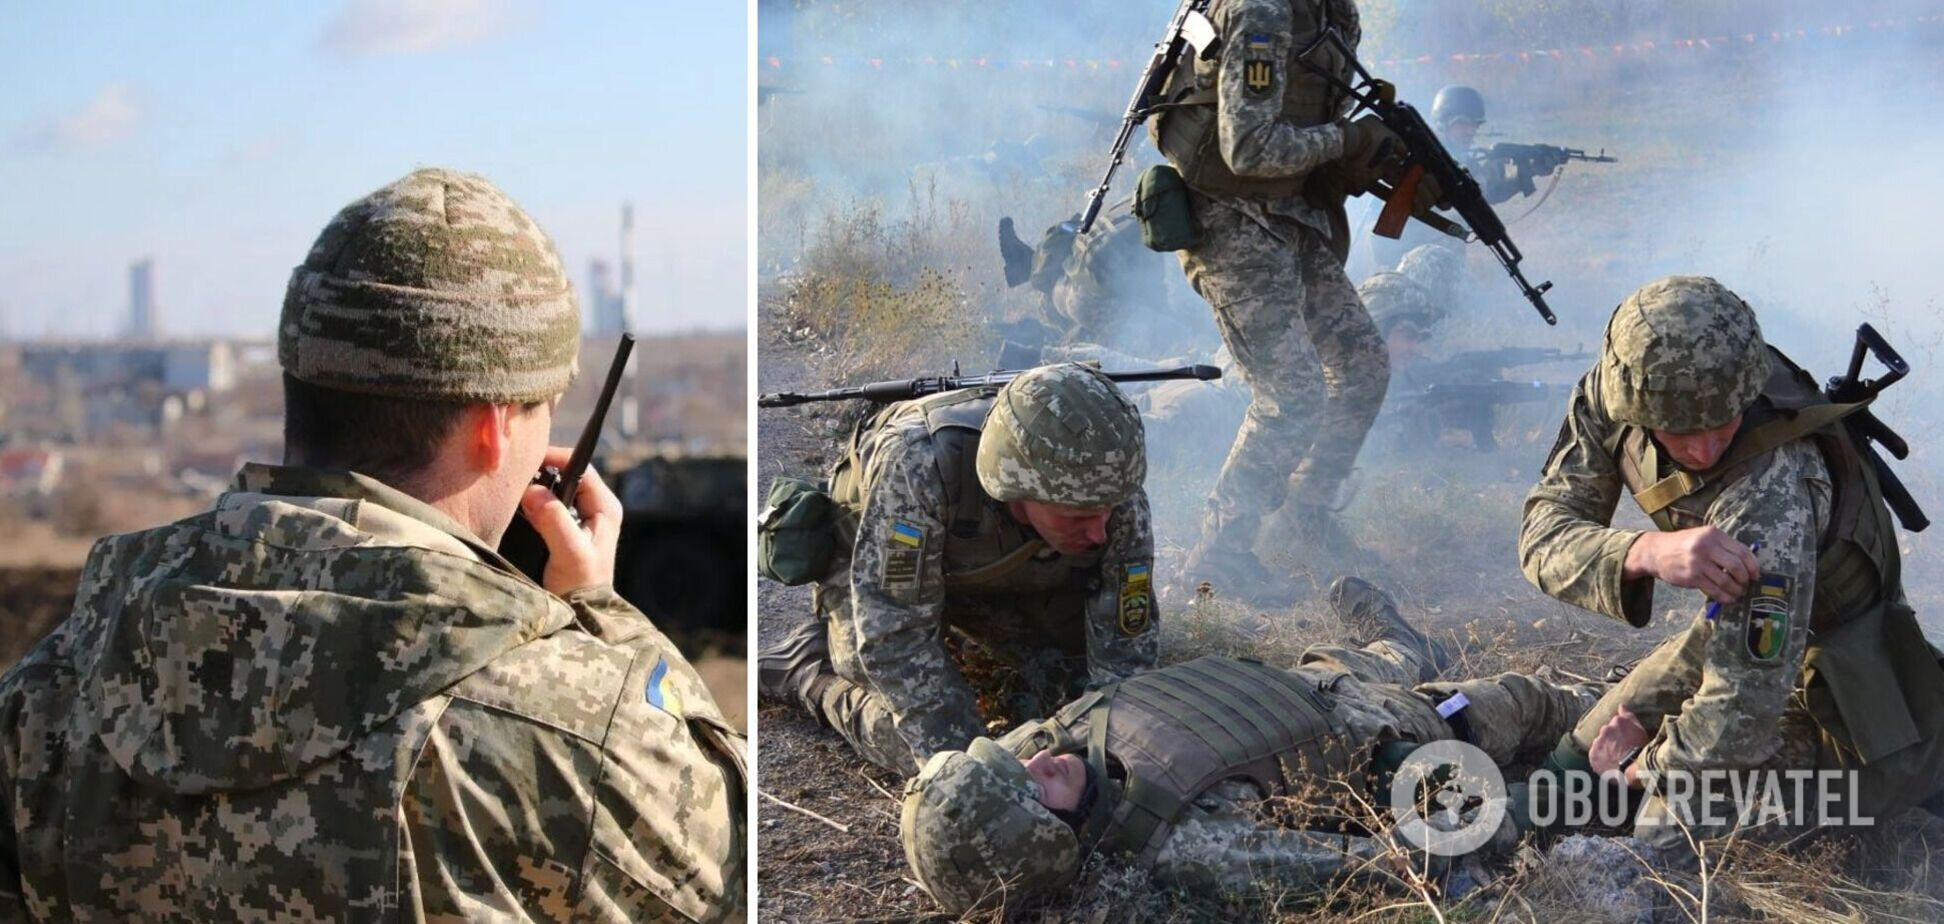 Українська делегація в ТКГ провела термінову нараду через загибель 4 військових: усі подробиці